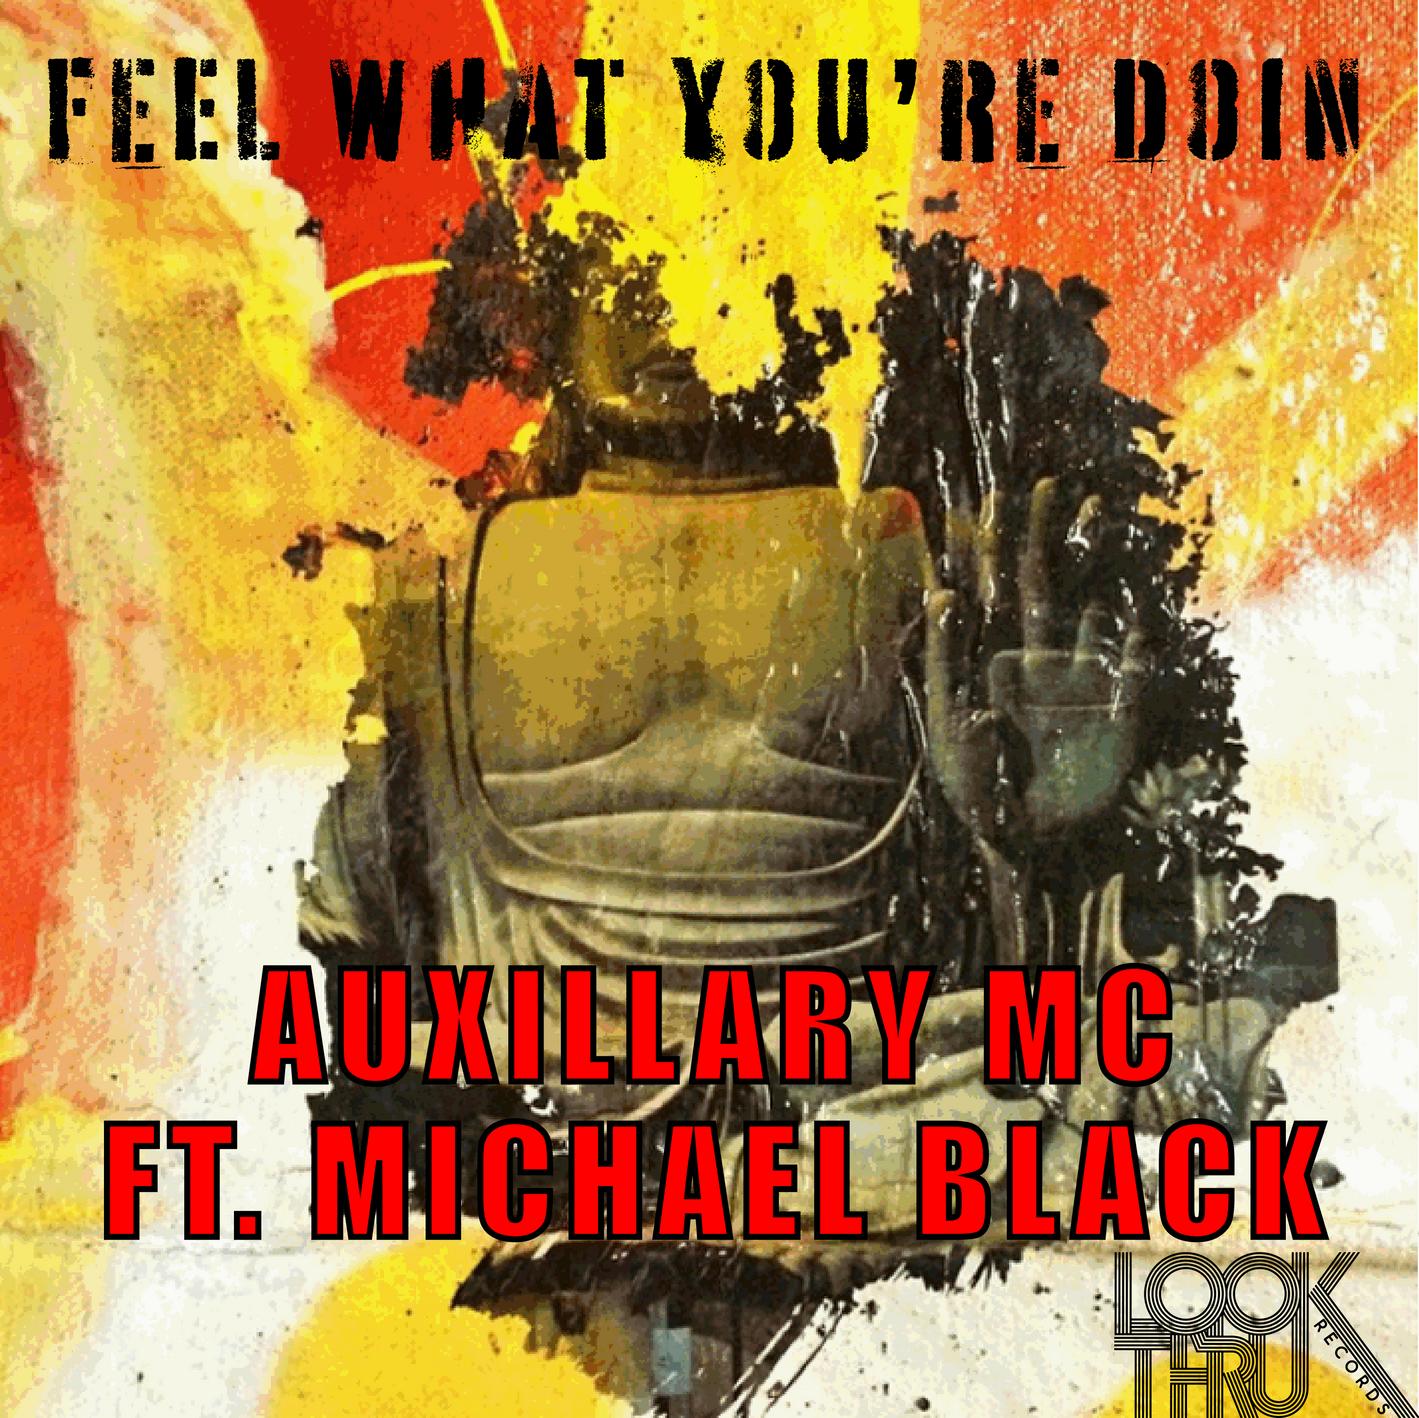 Auxillary MC Album Cover